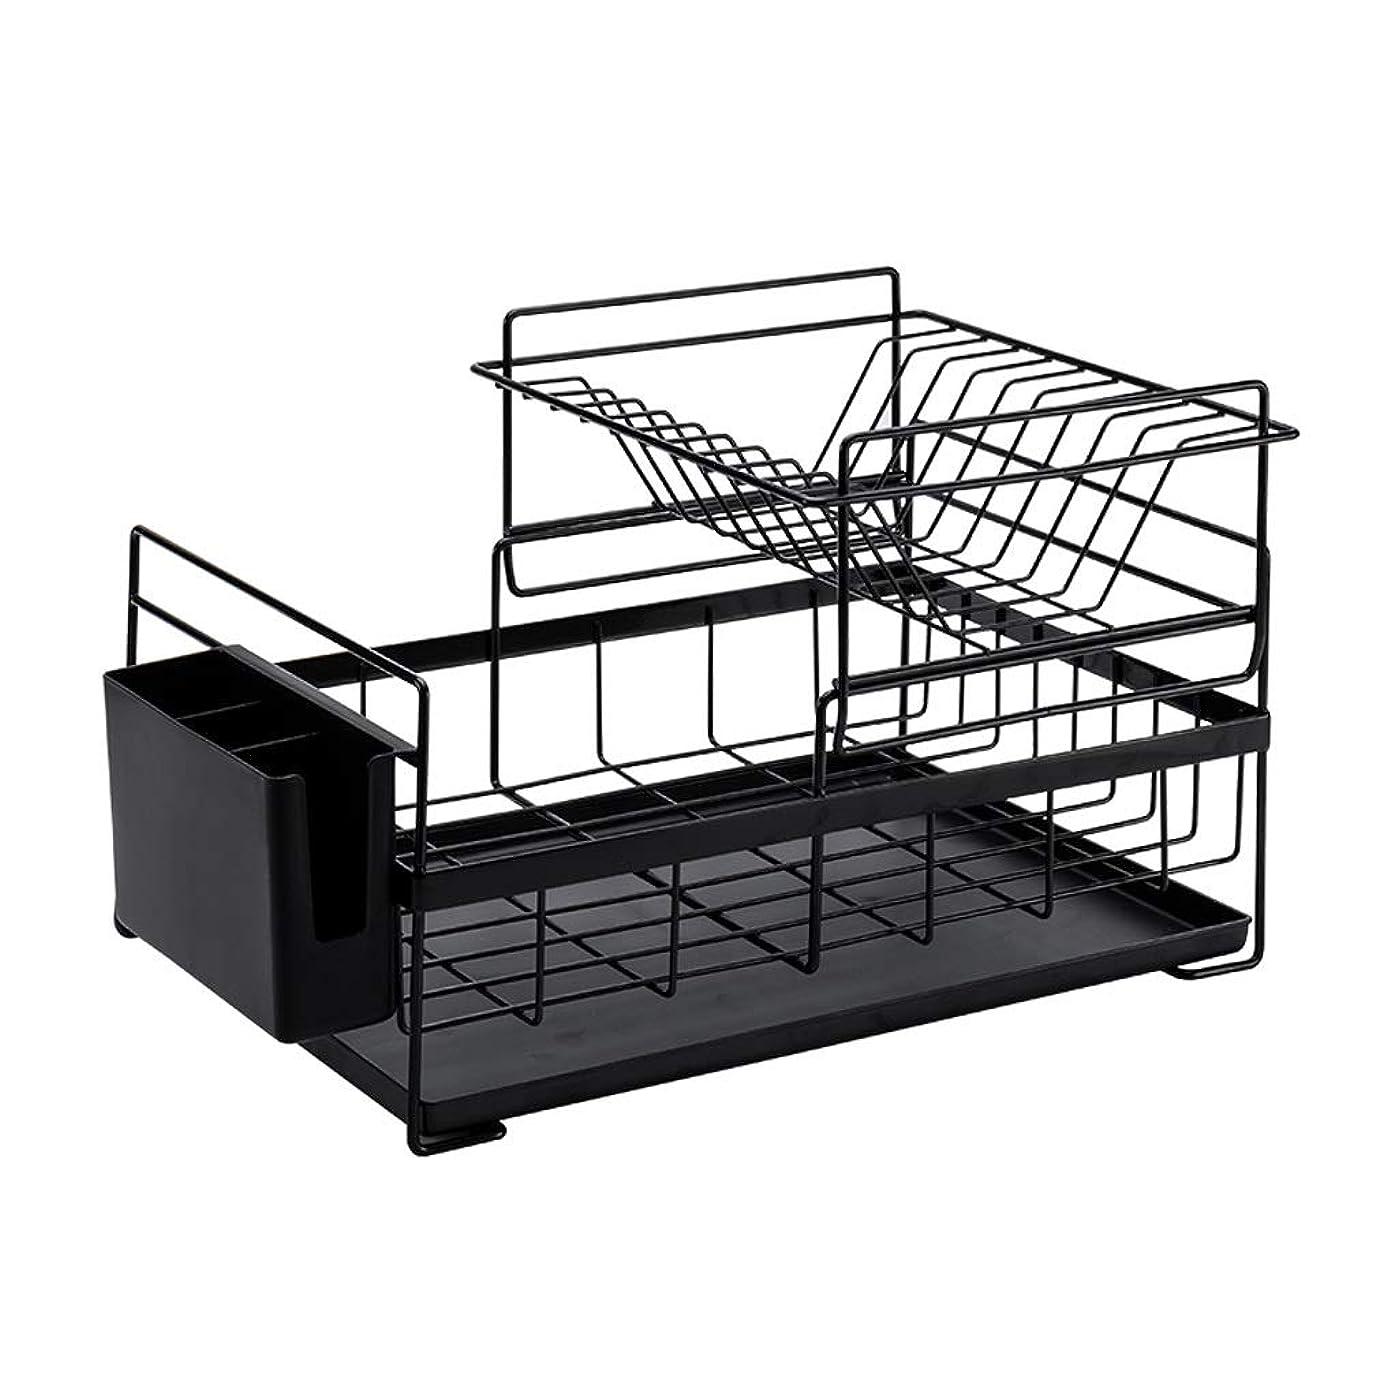 講義ファントム狂人IUYWL 家庭用キッチン二重皿食器棚?流し台食器箸収納収納棚41.5×26.8cm (Color : Black)